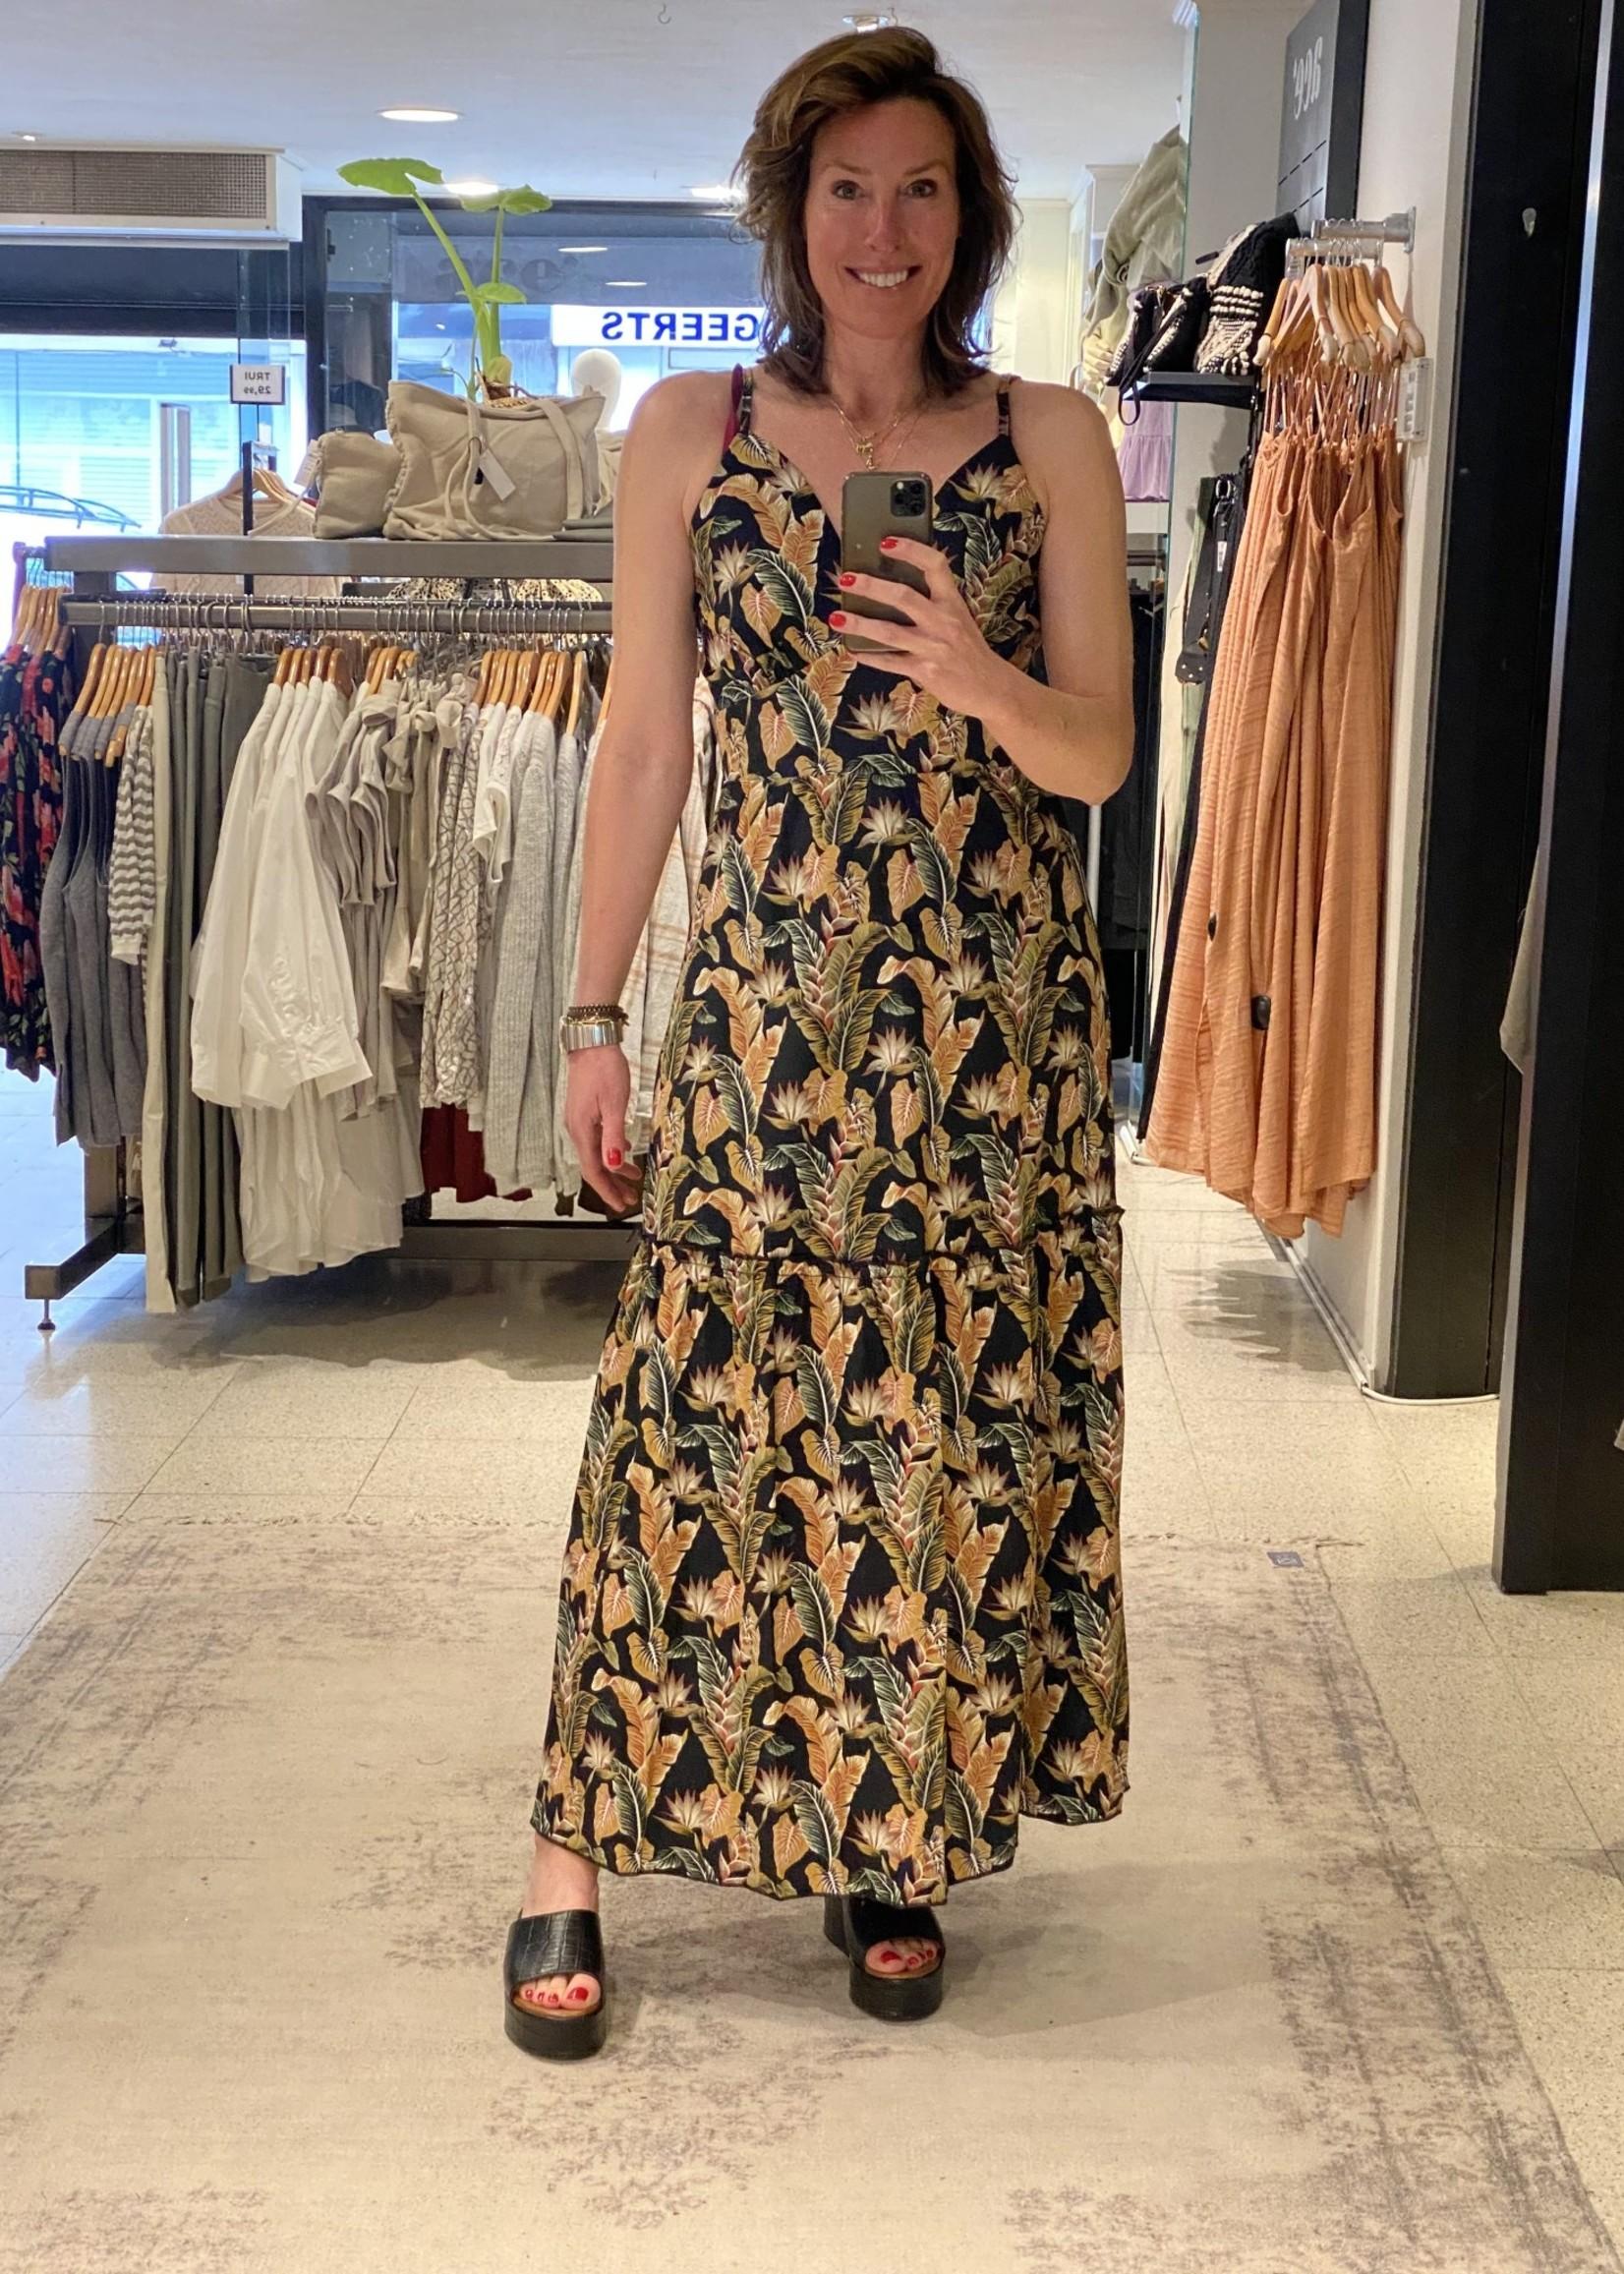 GMAXX Guusje jurk Gmaxx